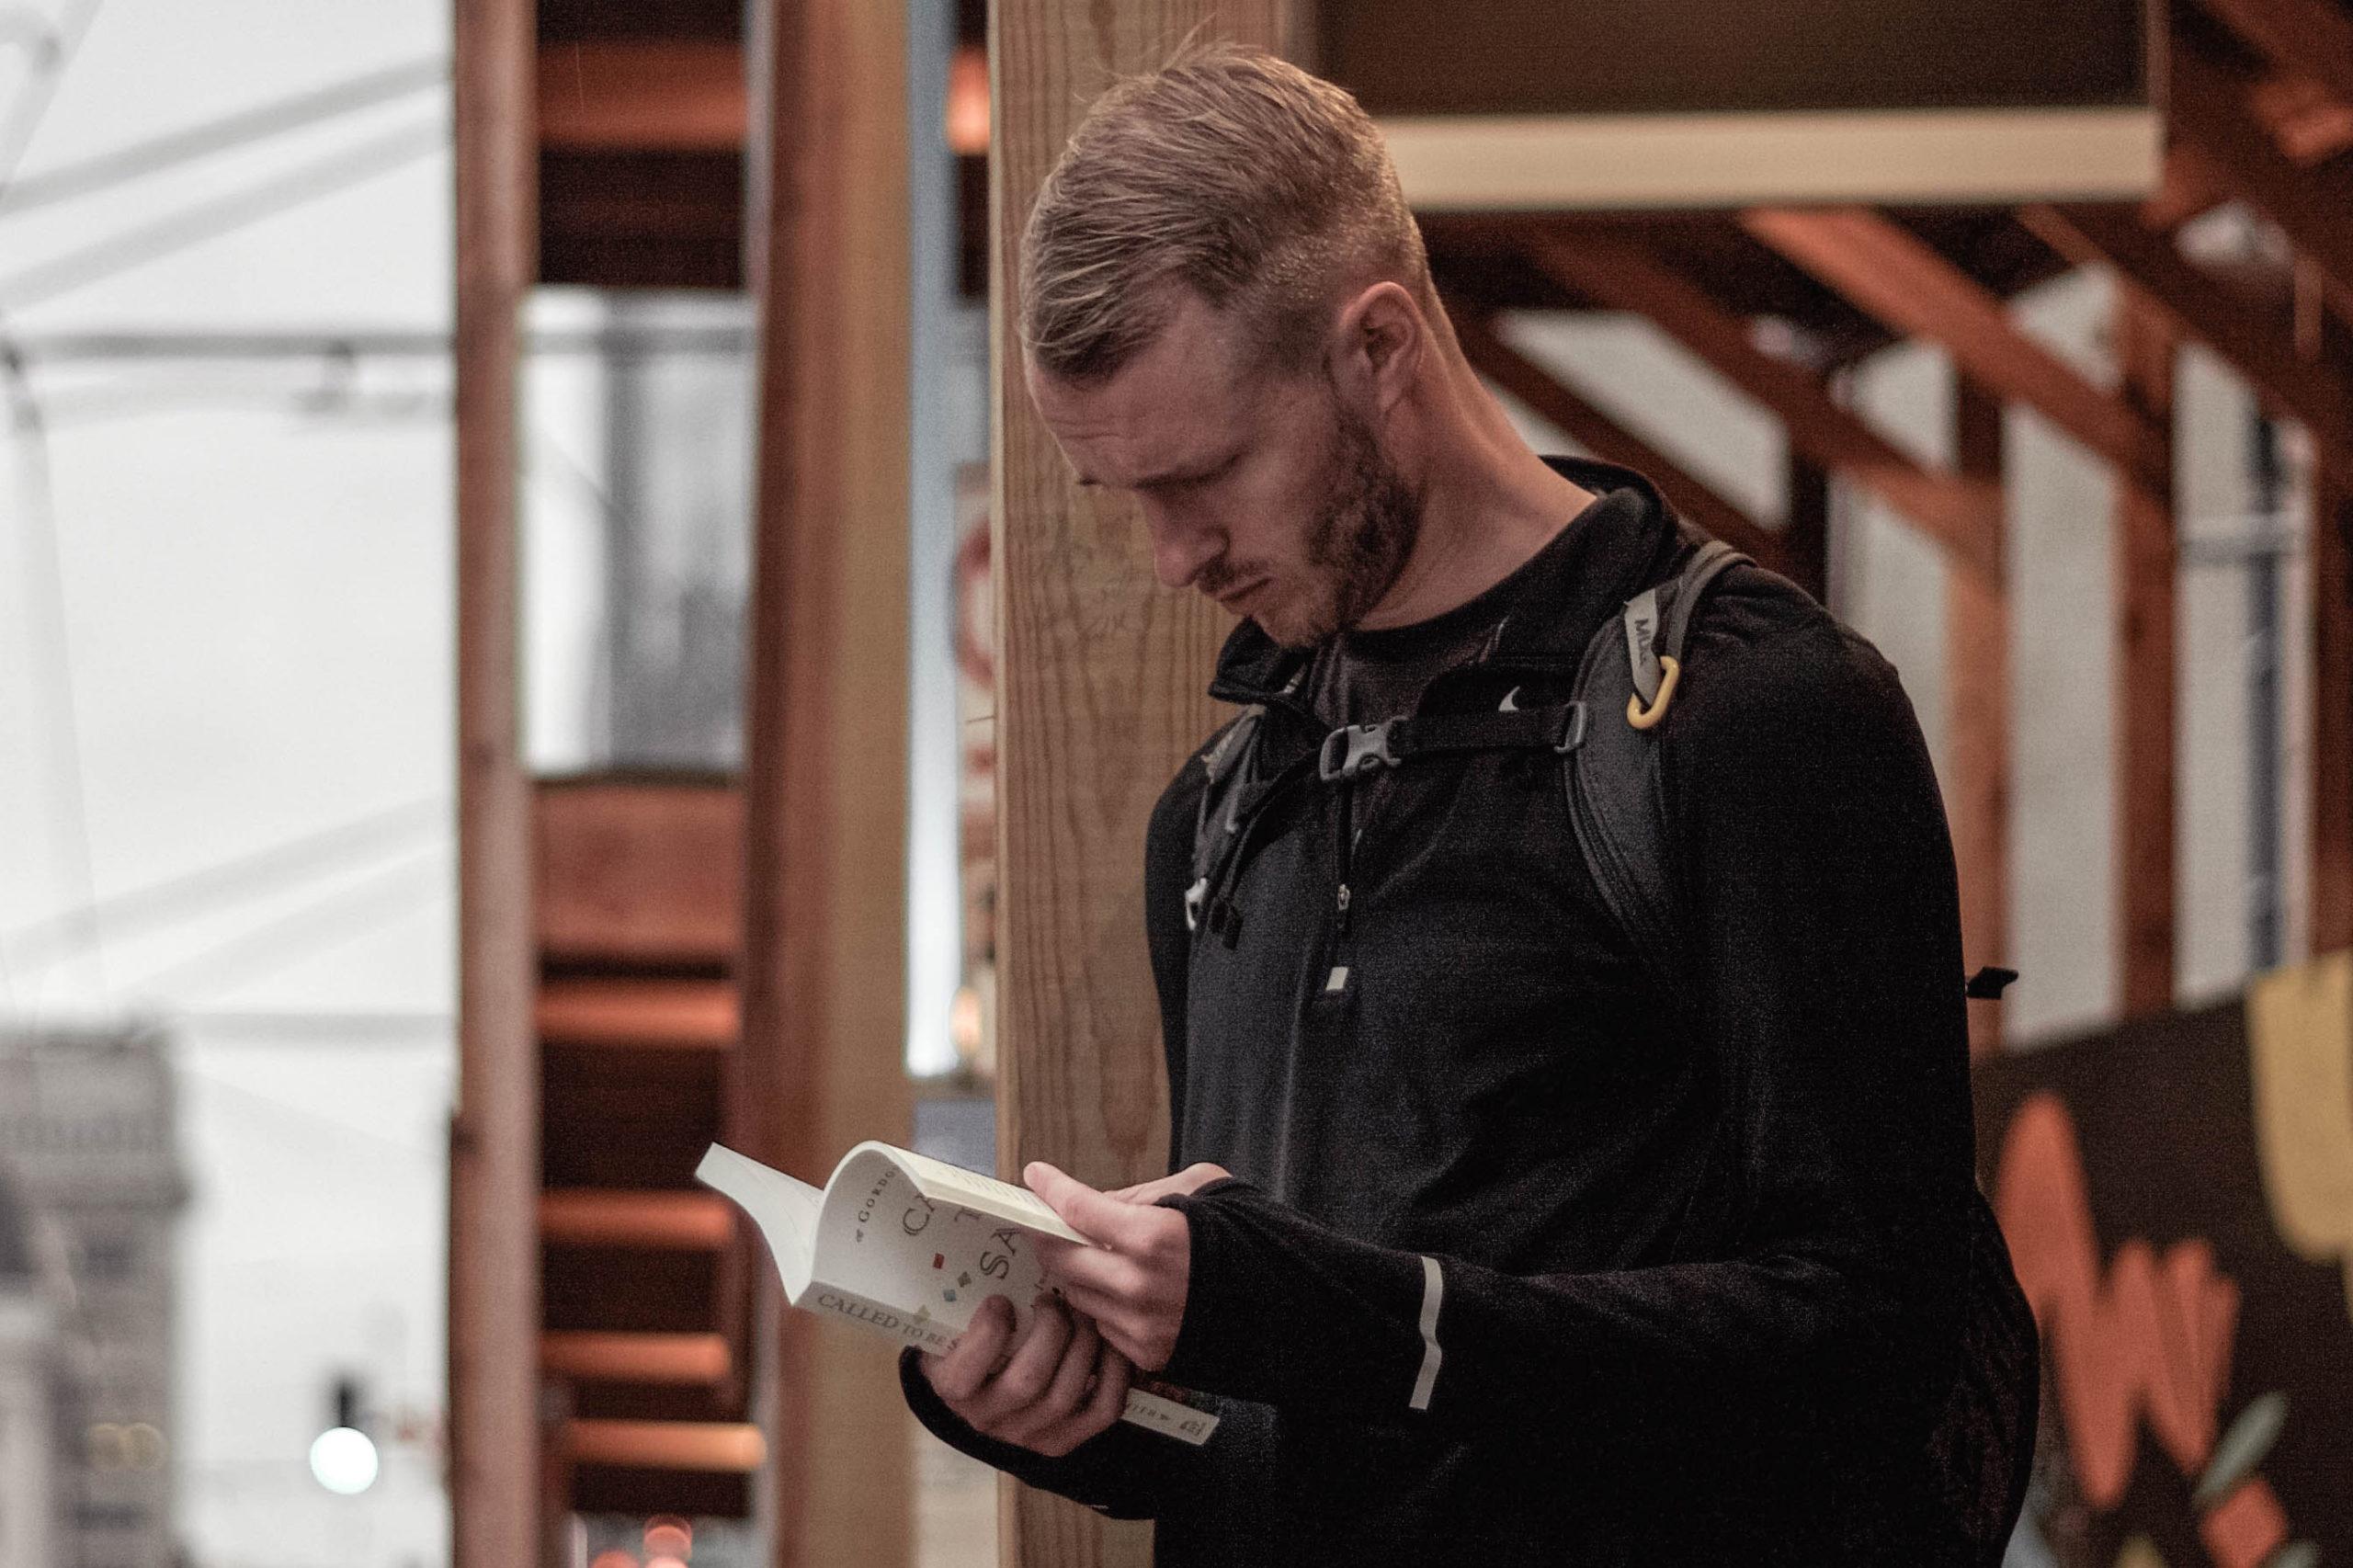 Rezension des Buches Freimaurer aus der Sicht von Freimaurerbrüdern und -schwestern